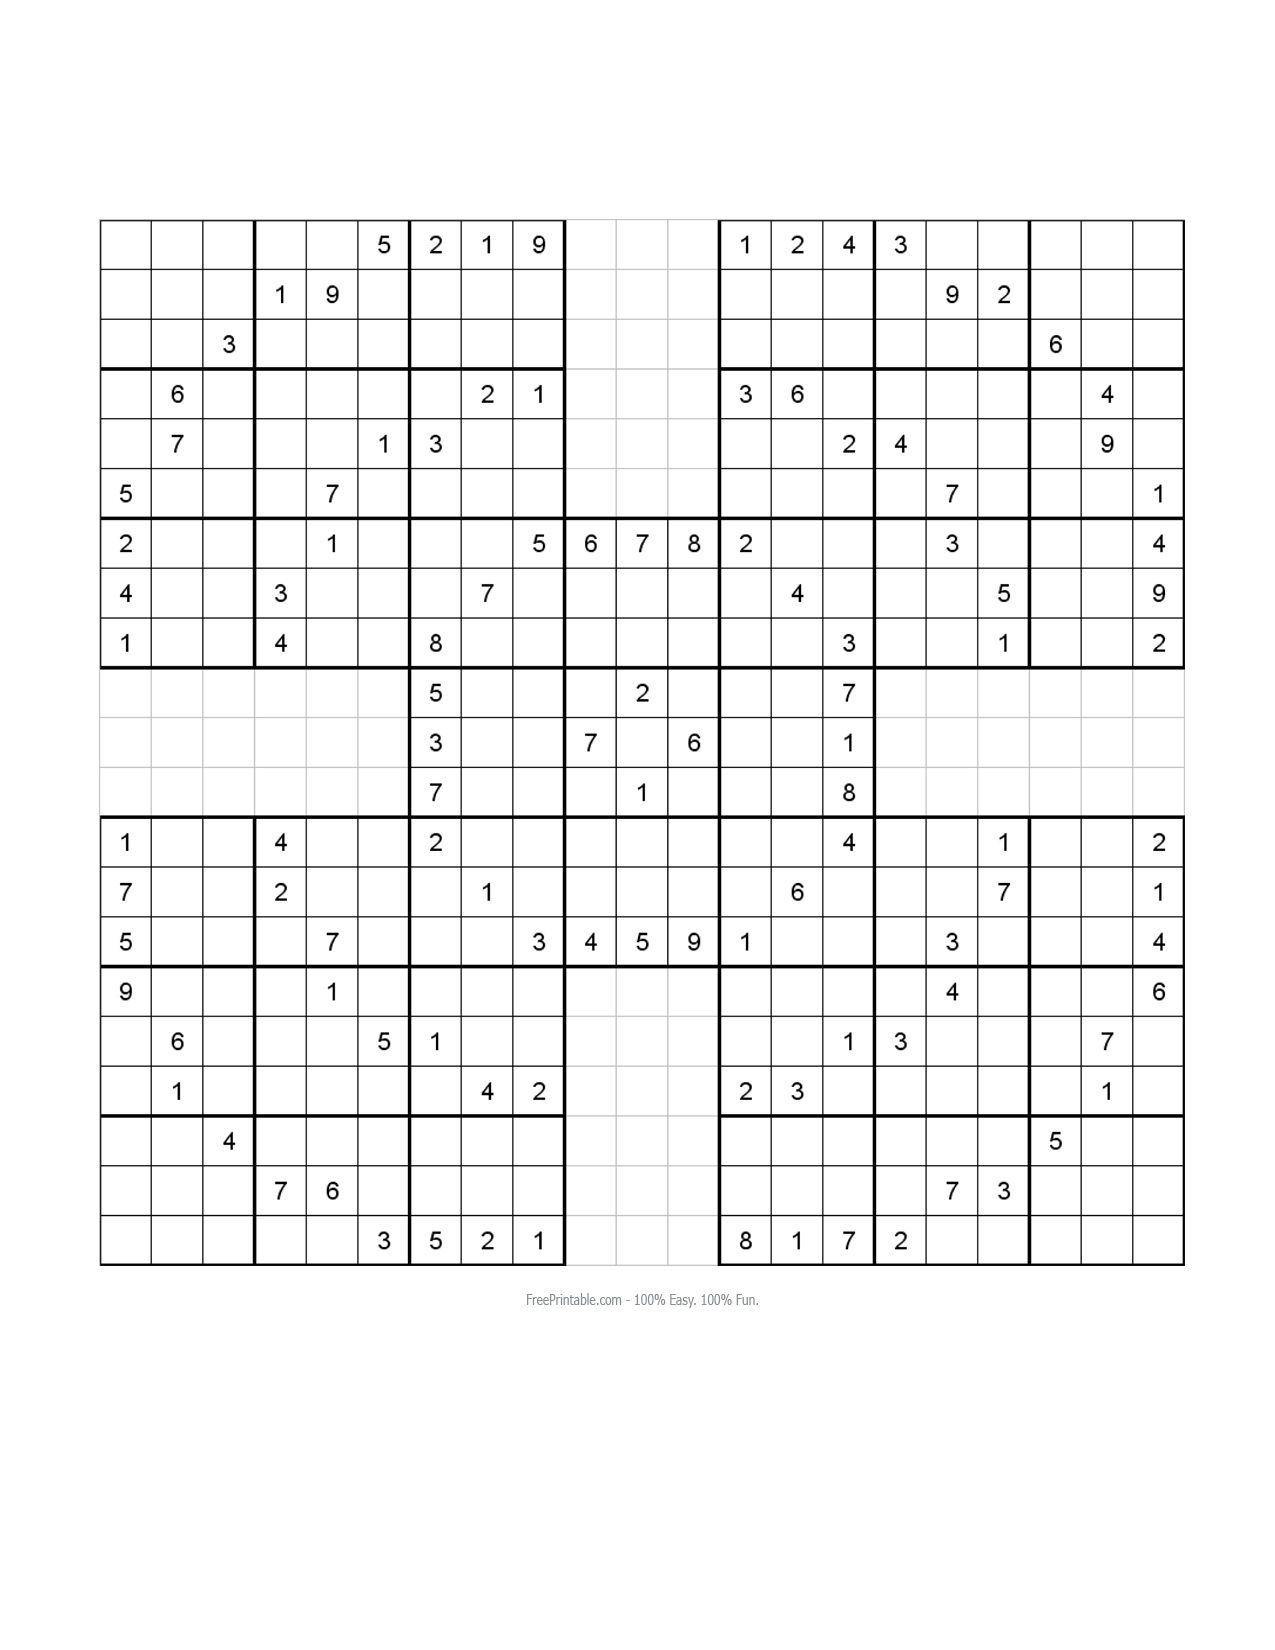 Free Printable Samurai Sudoku Puzzles   Sudoku - Sudoku 16X16 Printable Free